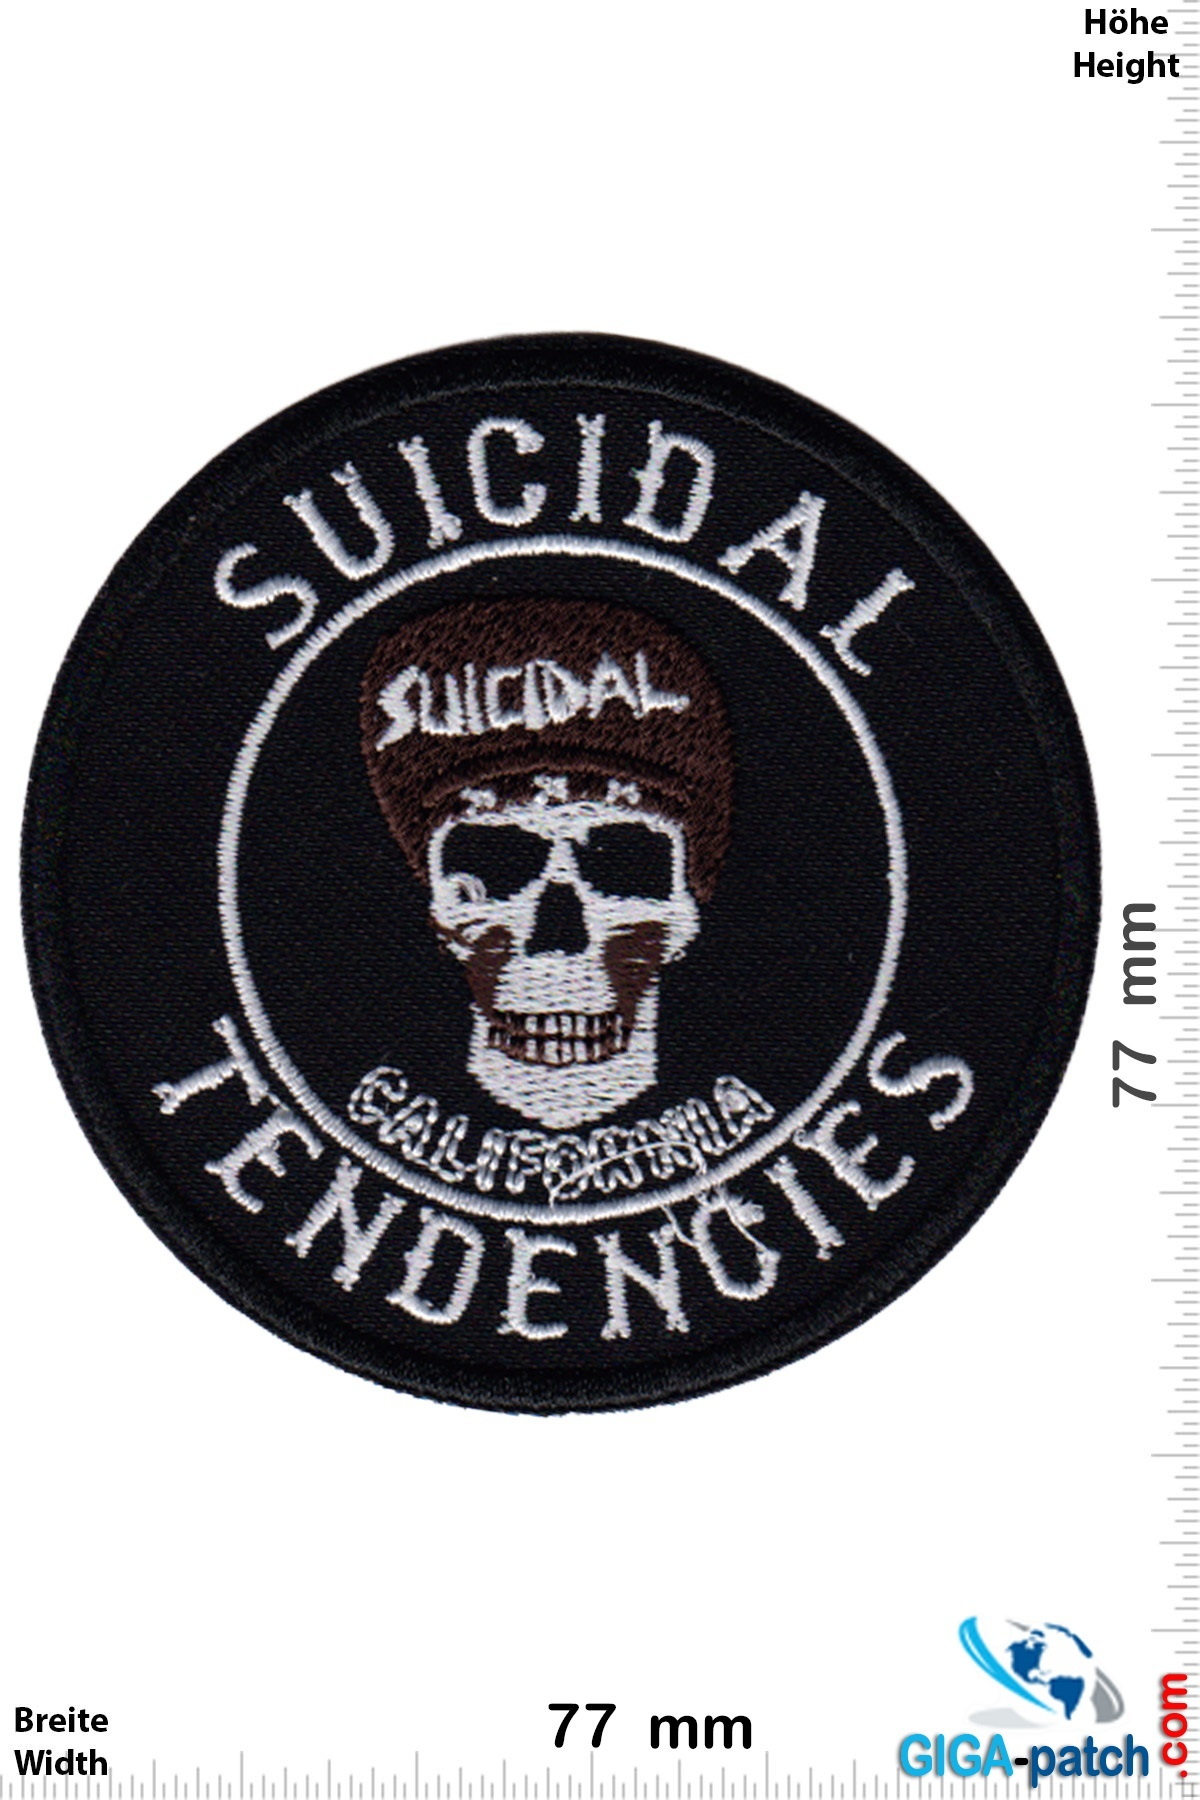 Suicidal Tendencies Suicidal Tendencies - Hardcore-Band - round